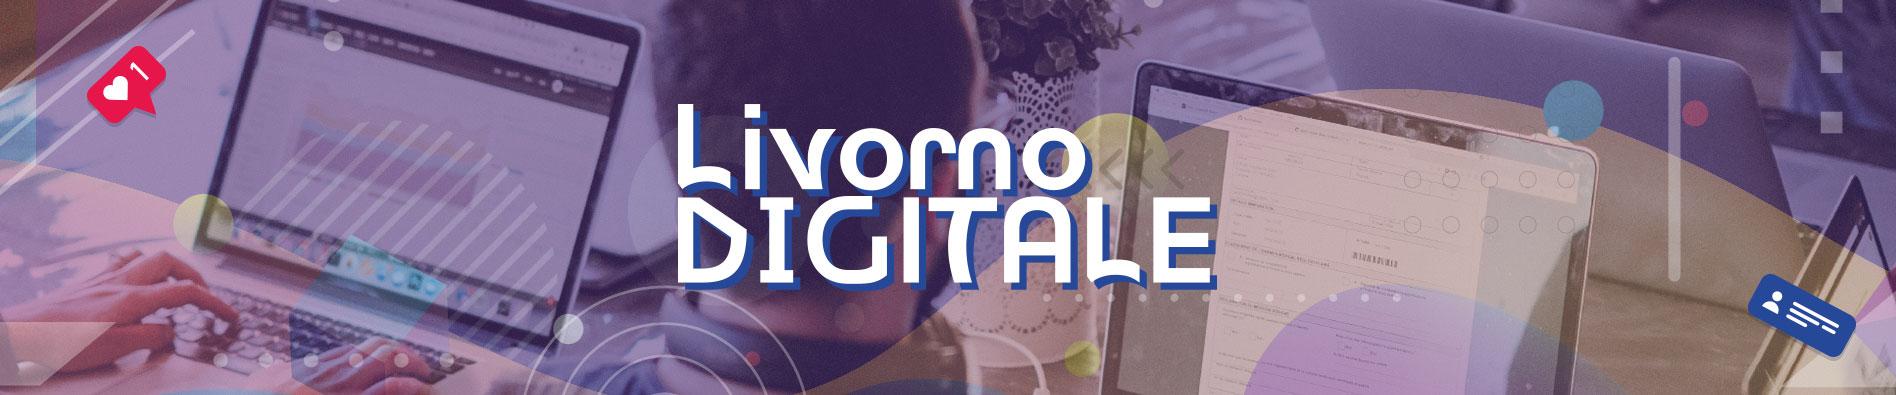 Livorno Digitale - Bando per contributi a sostegno dell'innovazione e dello sviluppo tecnologico e digitale